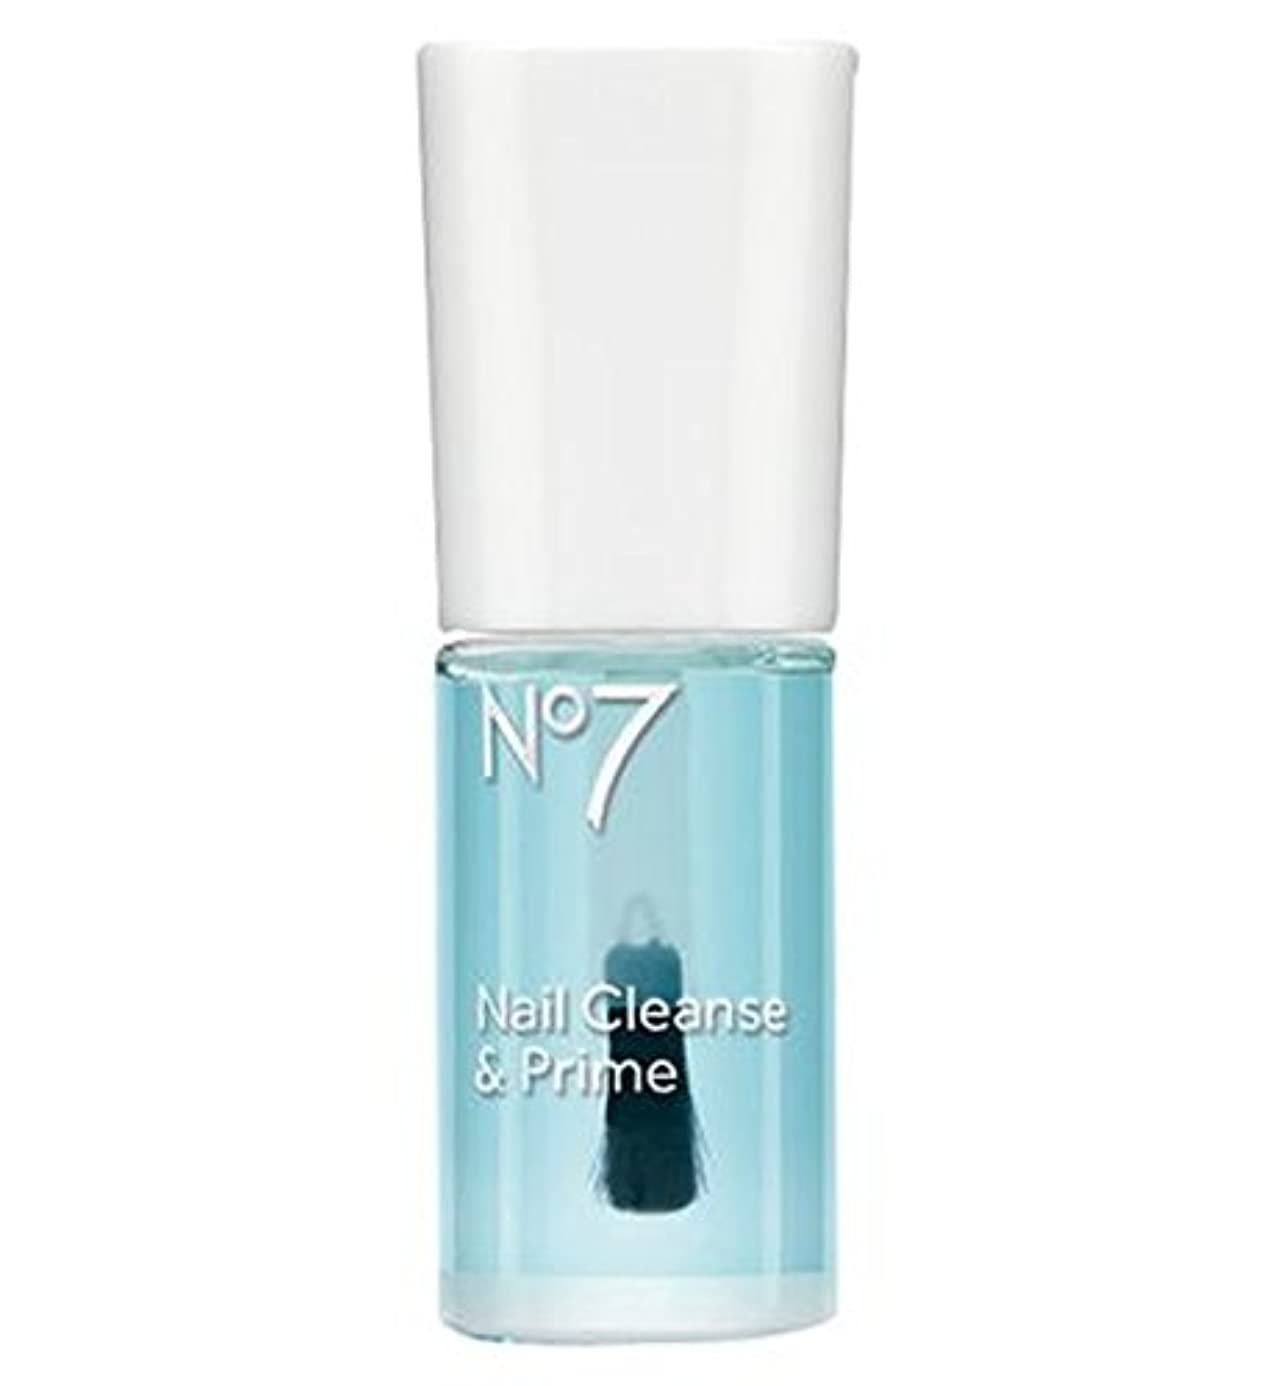 波紋酸っぱい一人で[No7] No7の爪の浄化とプライム10ミリリットル - No7 Nail Cleanse And Prime 10ml [並行輸入品]